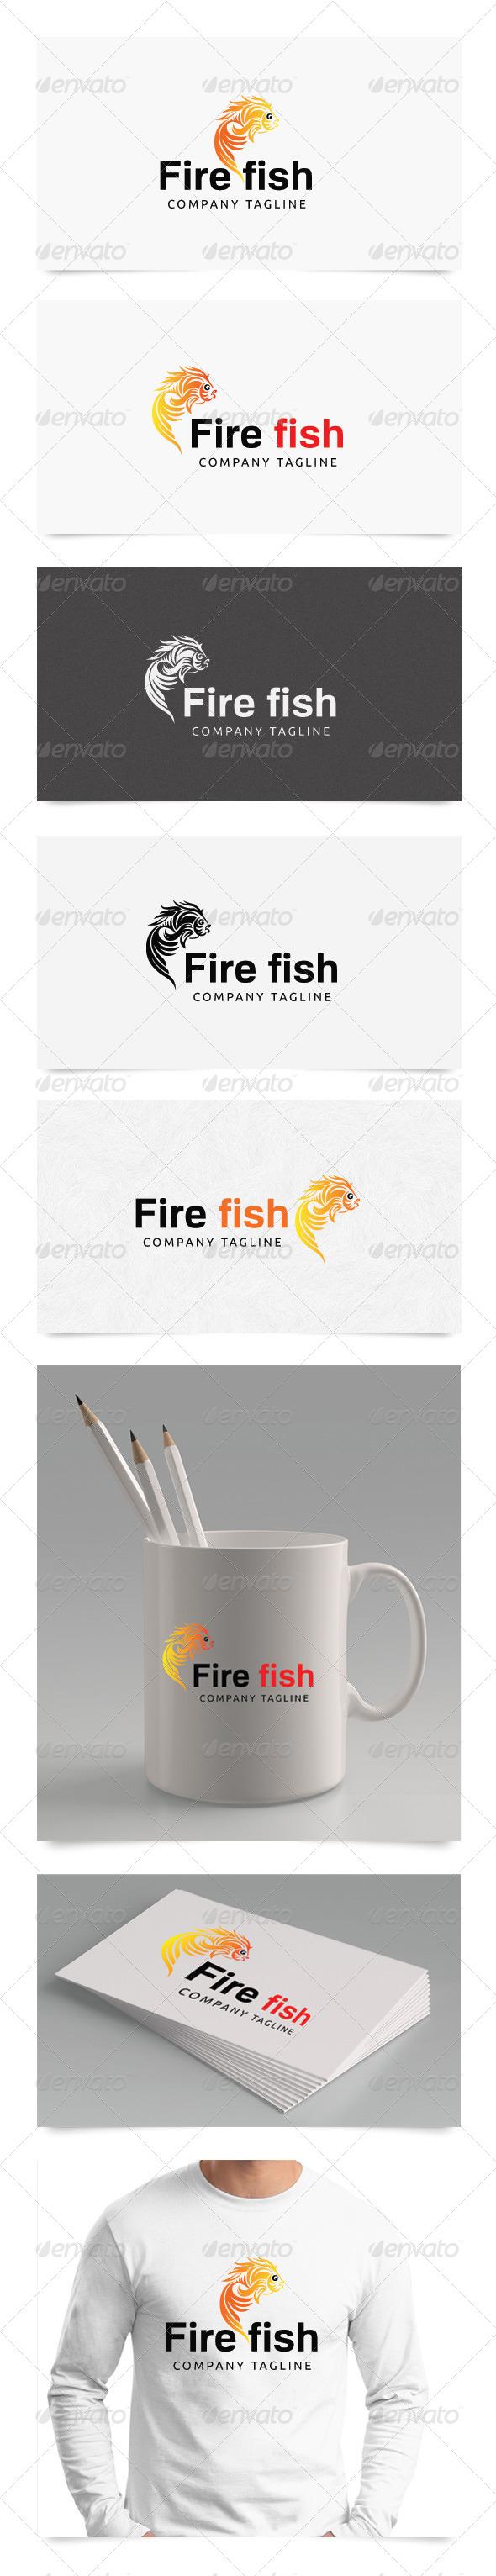 GraphicRiver Fire Fish 4606072